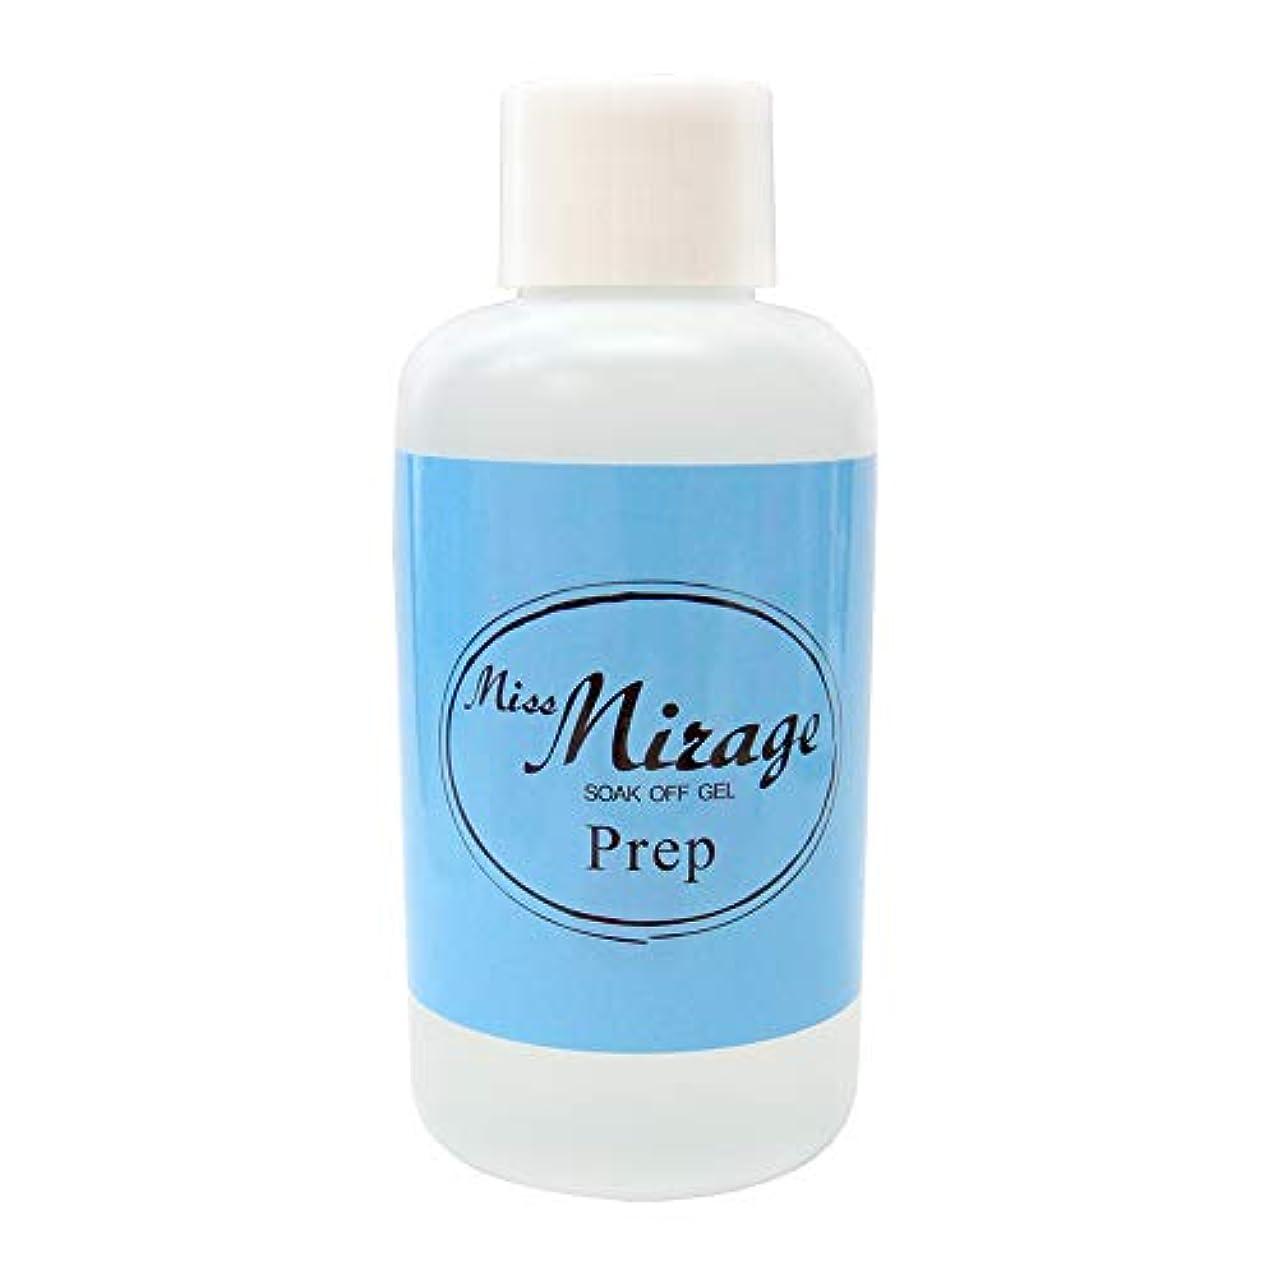 安価な女優影響Miss Mirage プレップ 120ml 未硬化ジェルの拭き取り